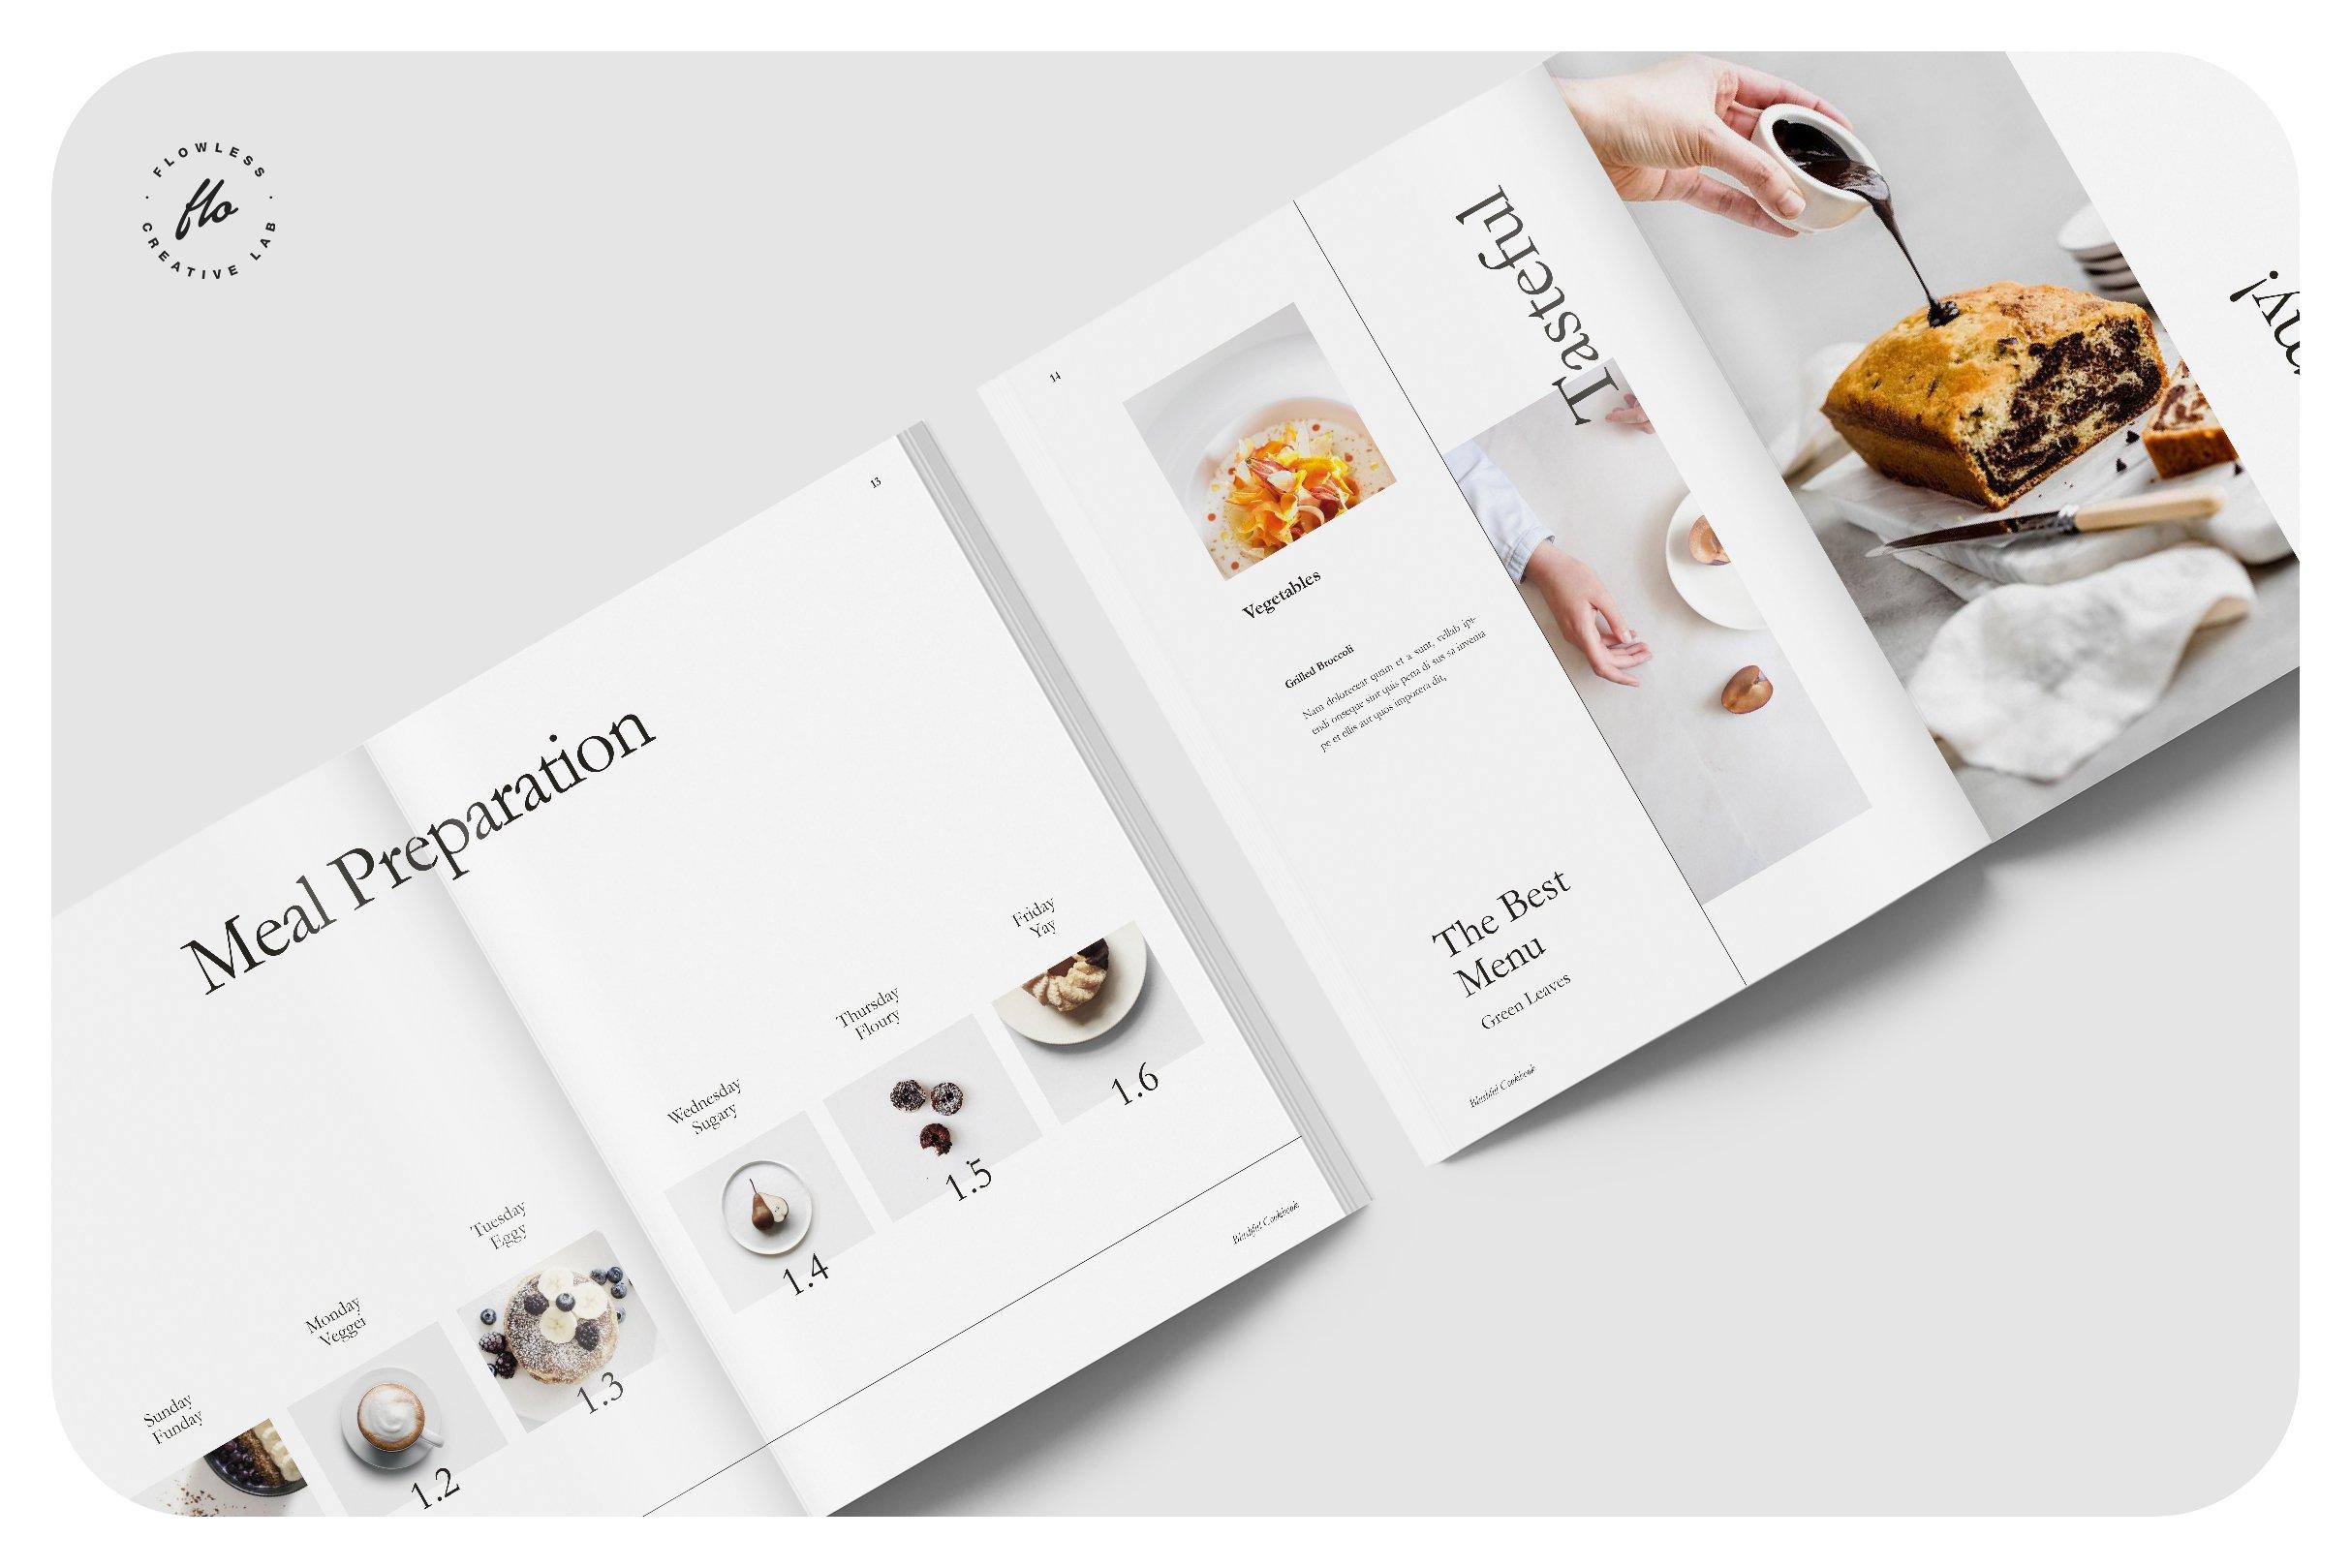 简约食谱菜单图文排版设计INDD画册模板 BLUSHFUL Editorial Cookbook插图(2)